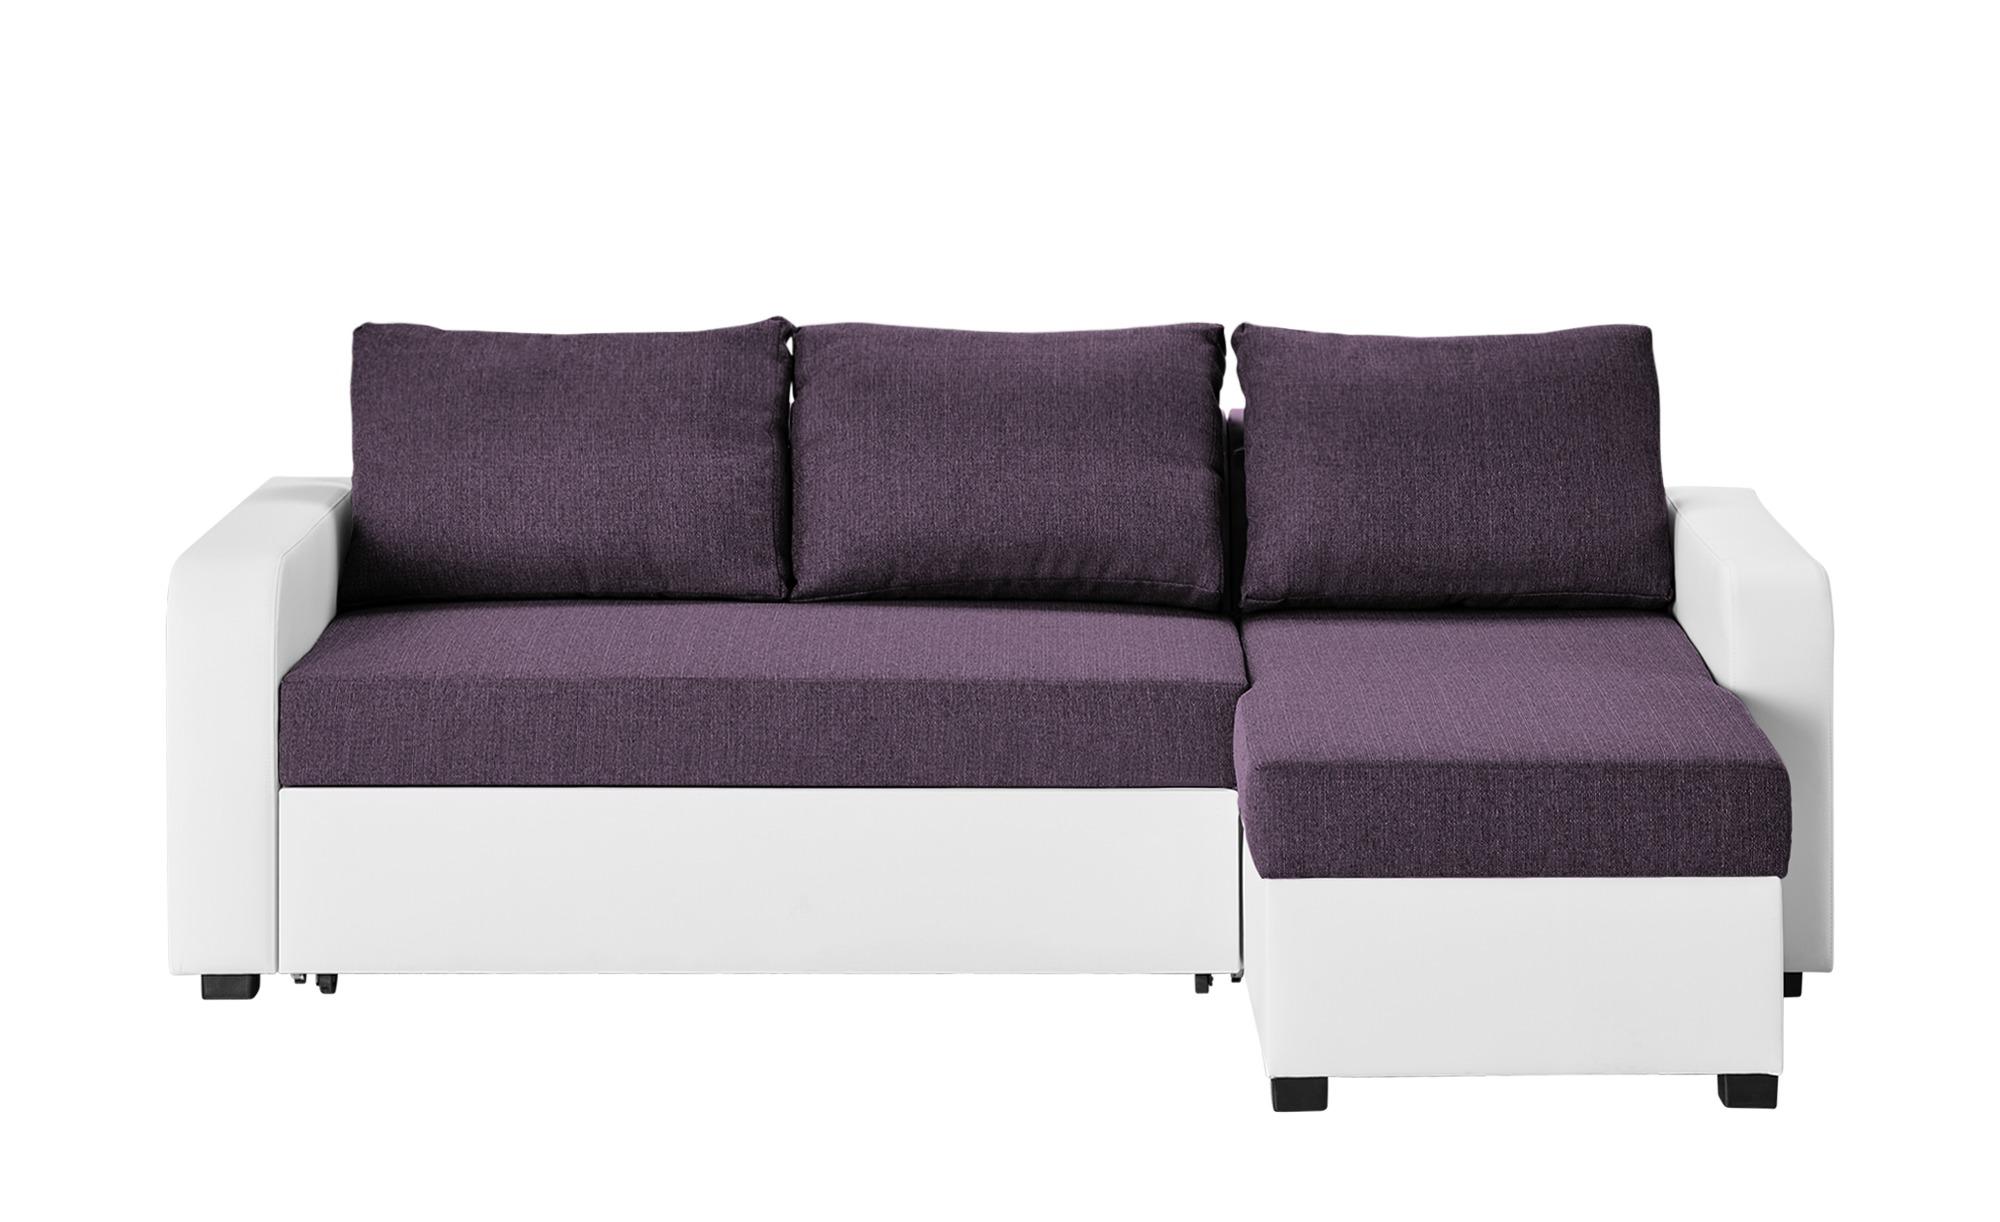 Ecksofa lila/weiß - Kunstleder/Webstoff Cassy ¦ lila/violett ¦ Maße (cm): B: 225 H: 83 T: 152 Polstermöbel > Sofas > Ecksofas - Höffner